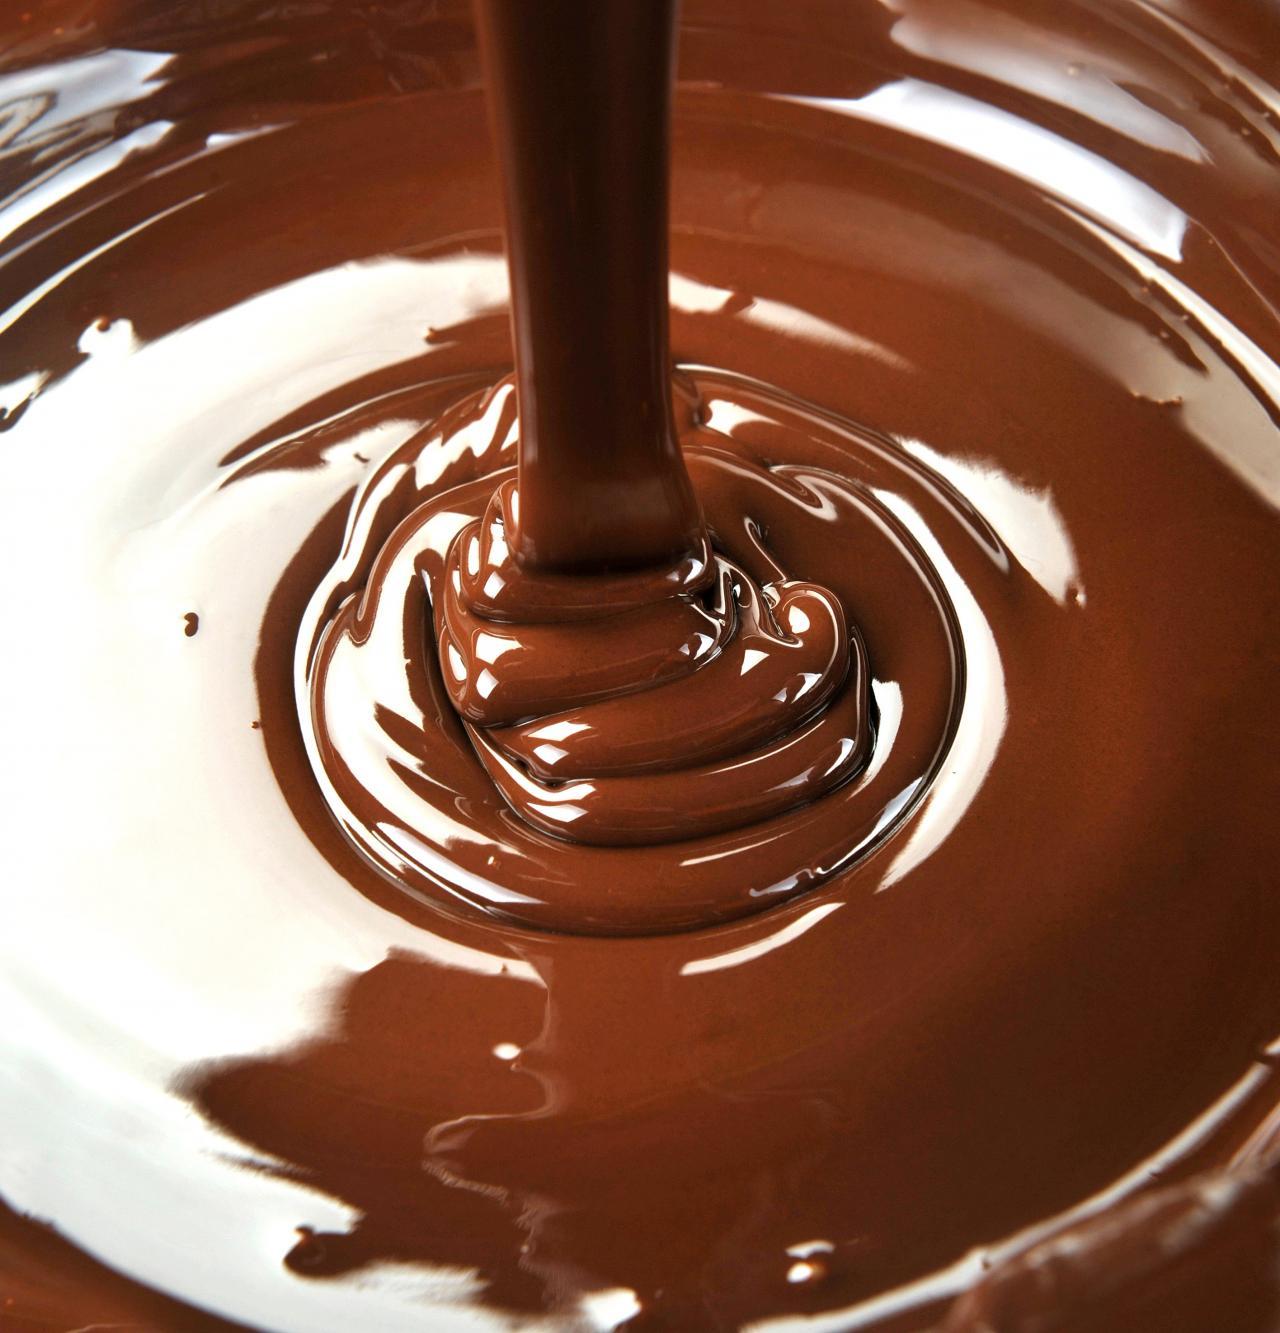 صورة كريمة الشوكولاته لتزيين الكيك , اصنعى احلى كريمة شيكولاته في البيت